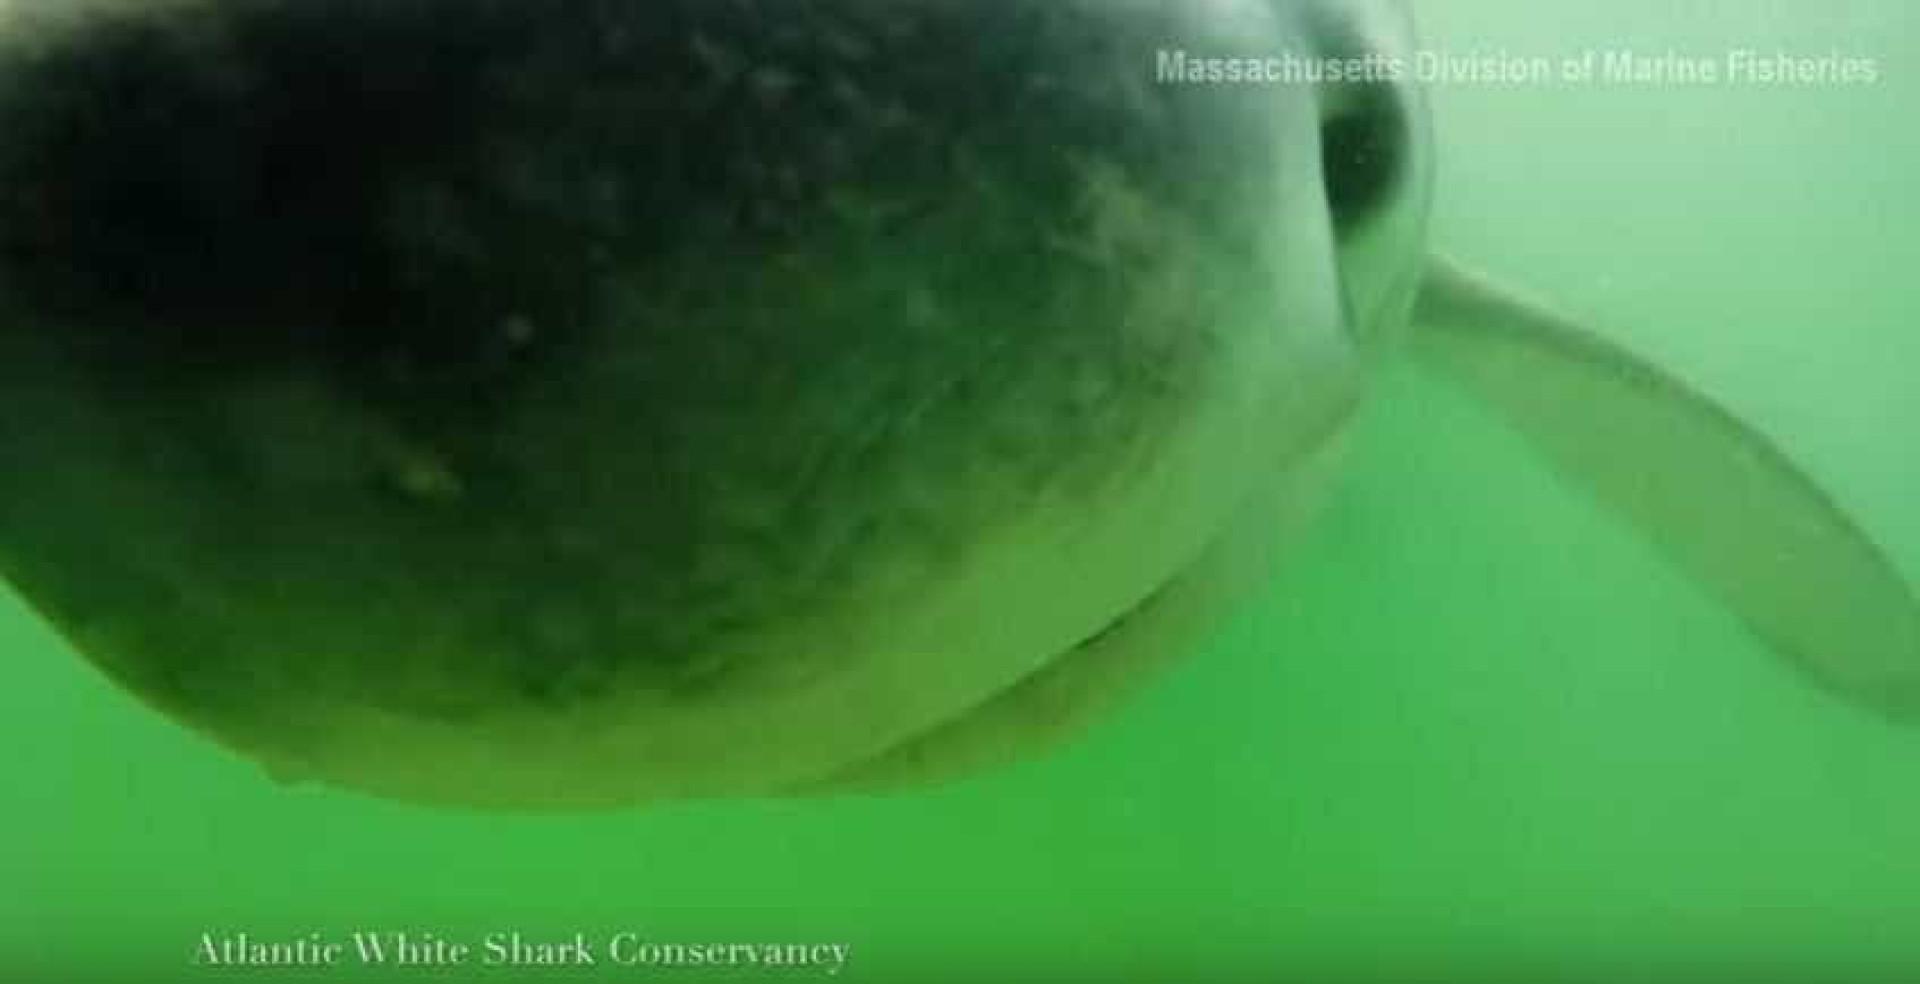 Já viu o interior da boca de um tubarão?